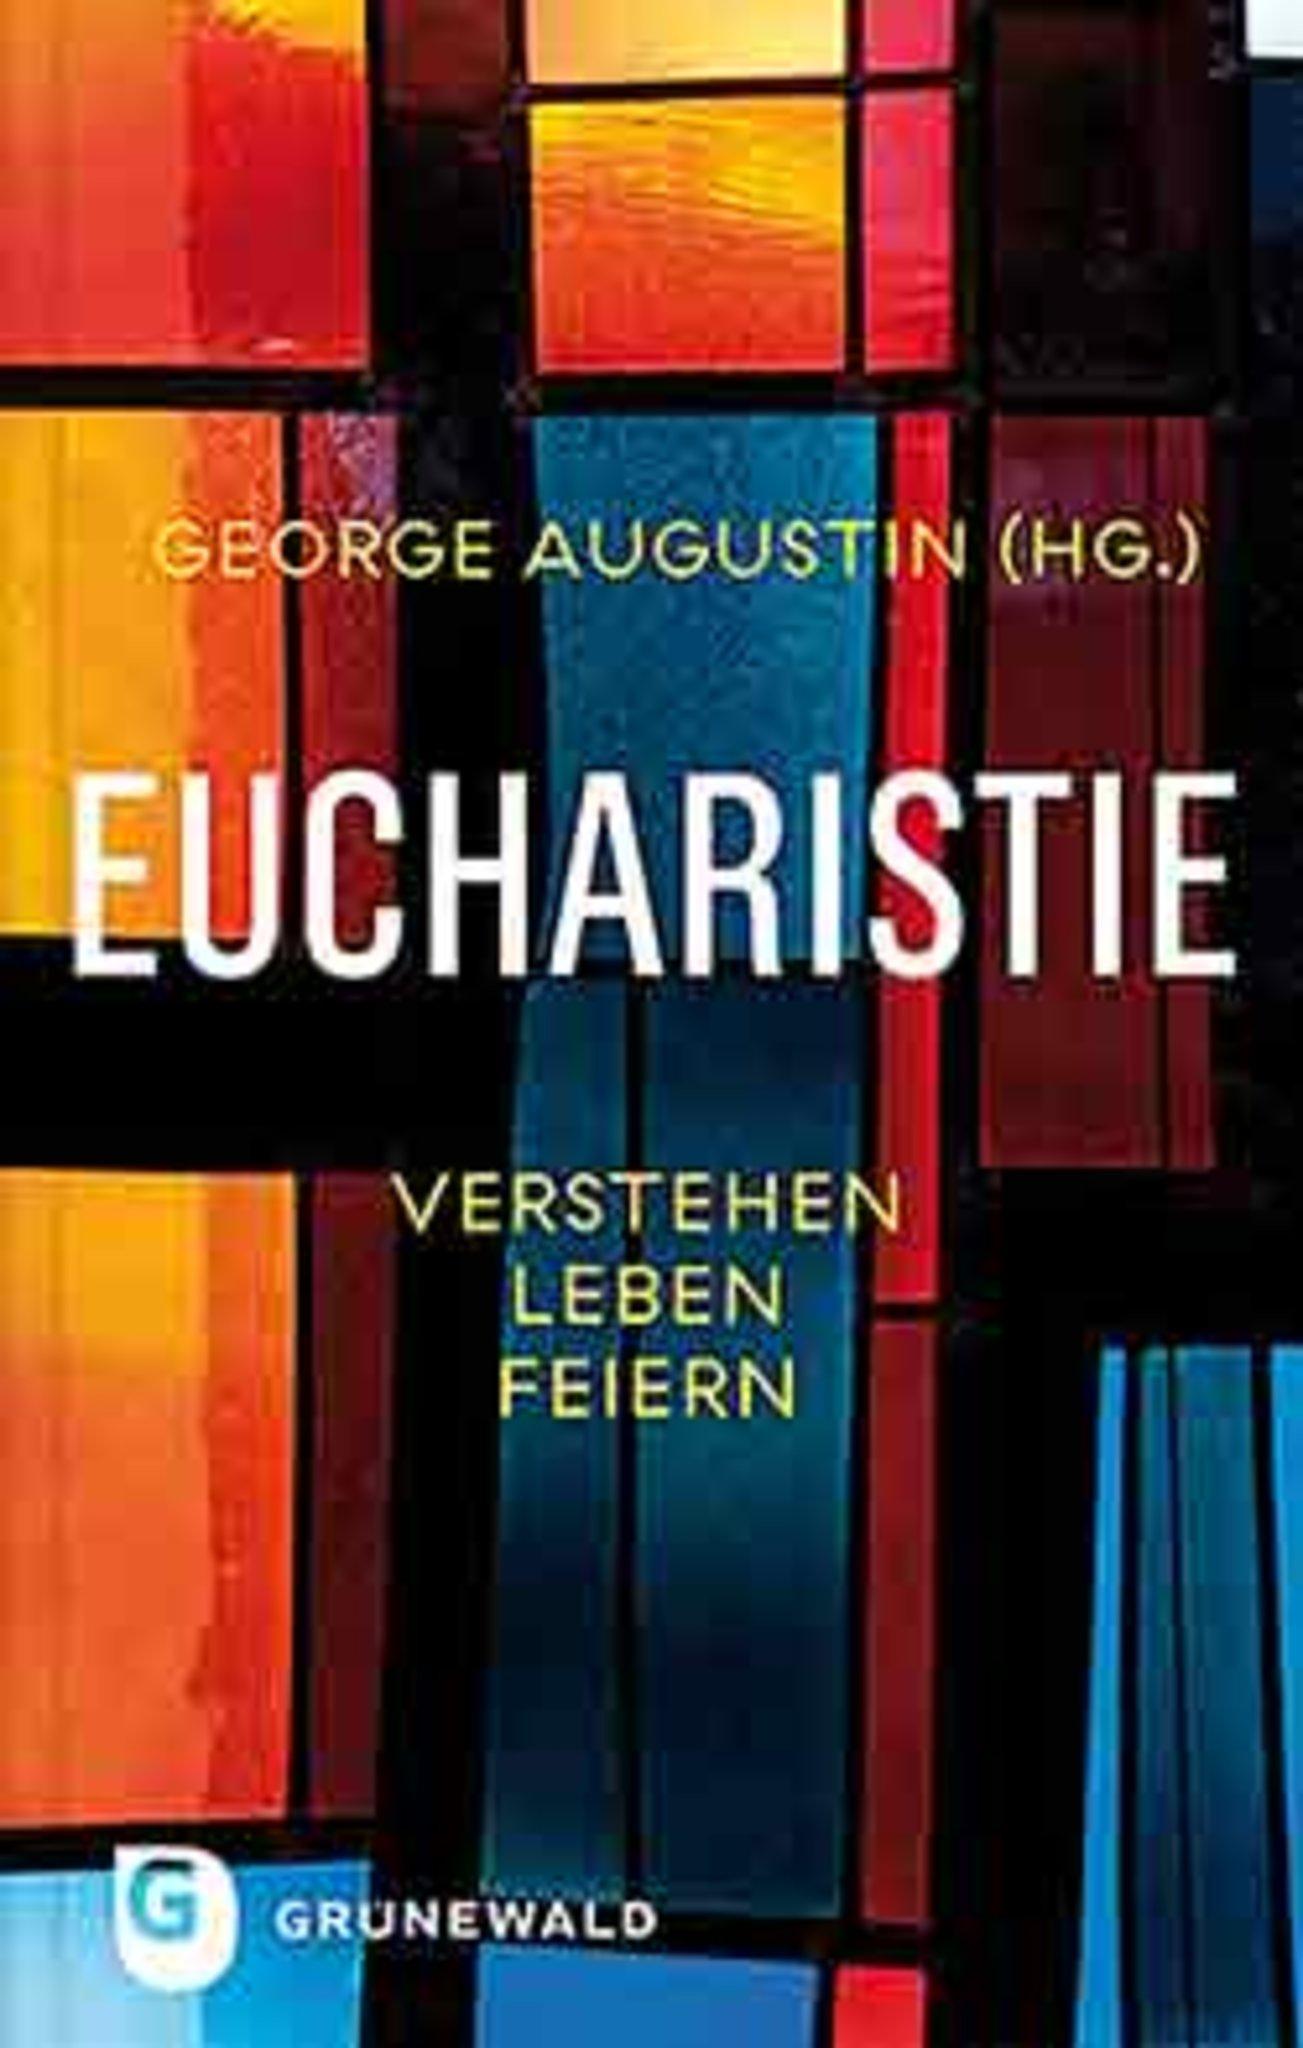 Eucharistie.